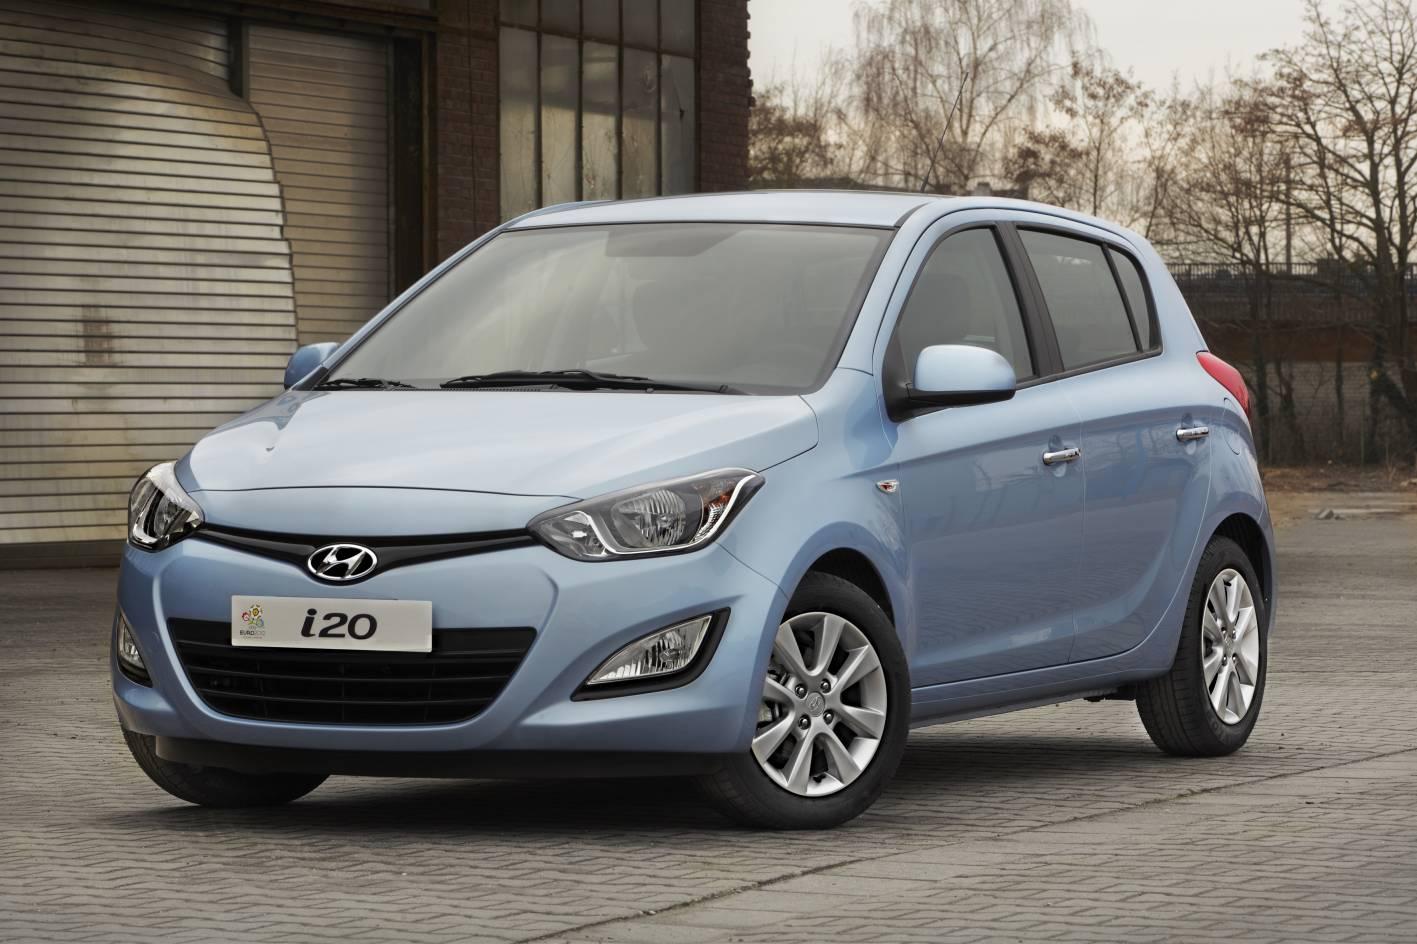 hyundai cars - i20 - hyundai small cars - i 20 new car